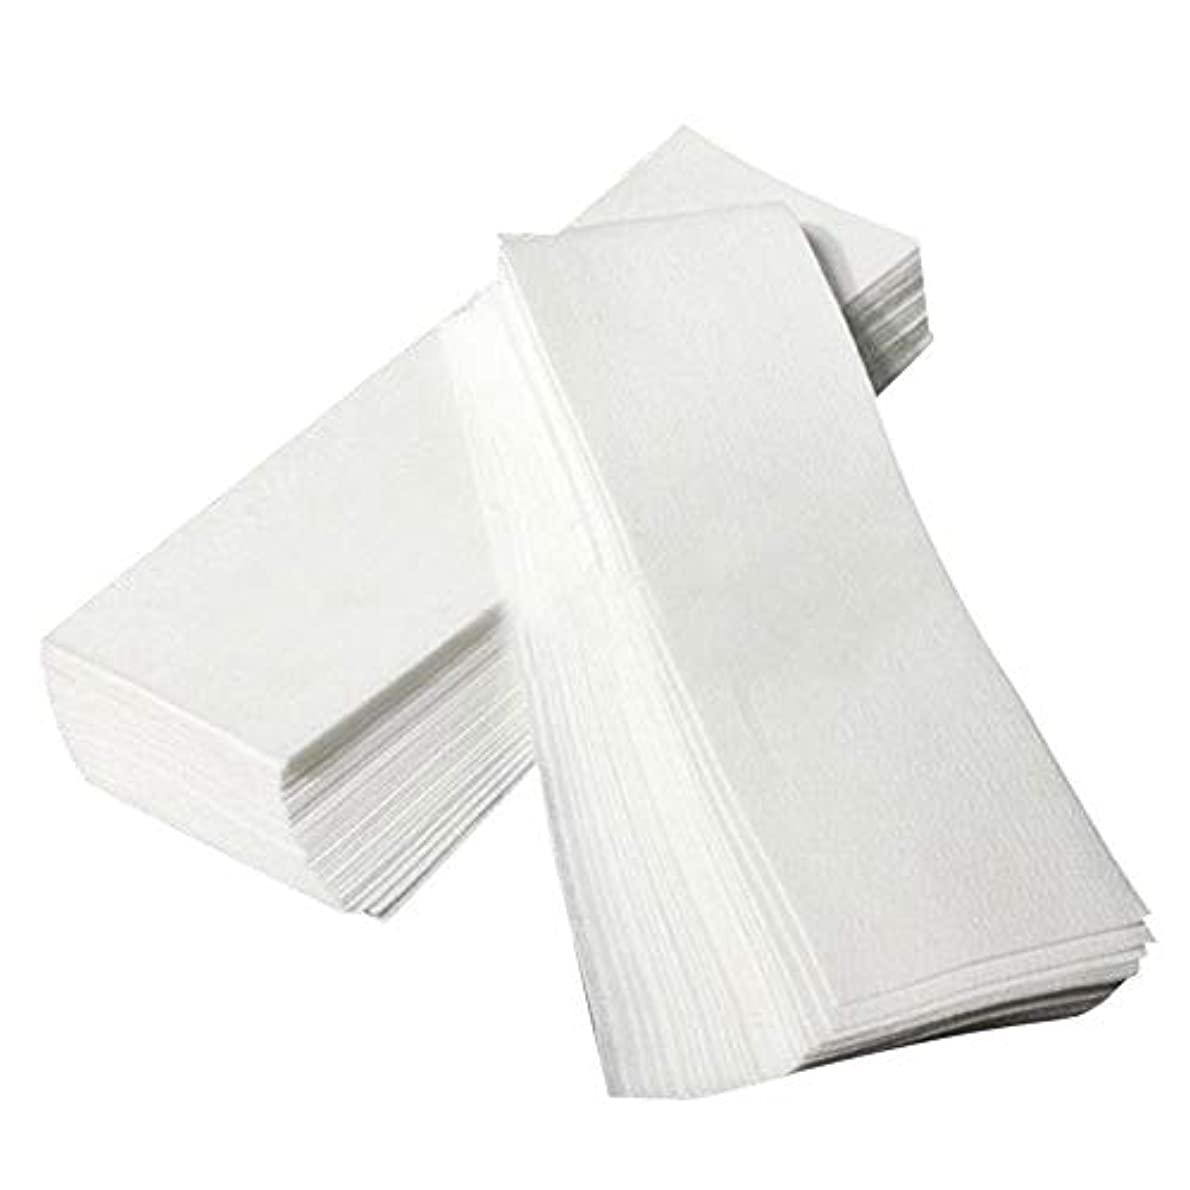 アシュリータファーマン恐怖症配当使い捨て 脱毛紙 100シート/パック 不織布 美容ツール 脱毛器 女性たち スムーズな脚のワックスがけ